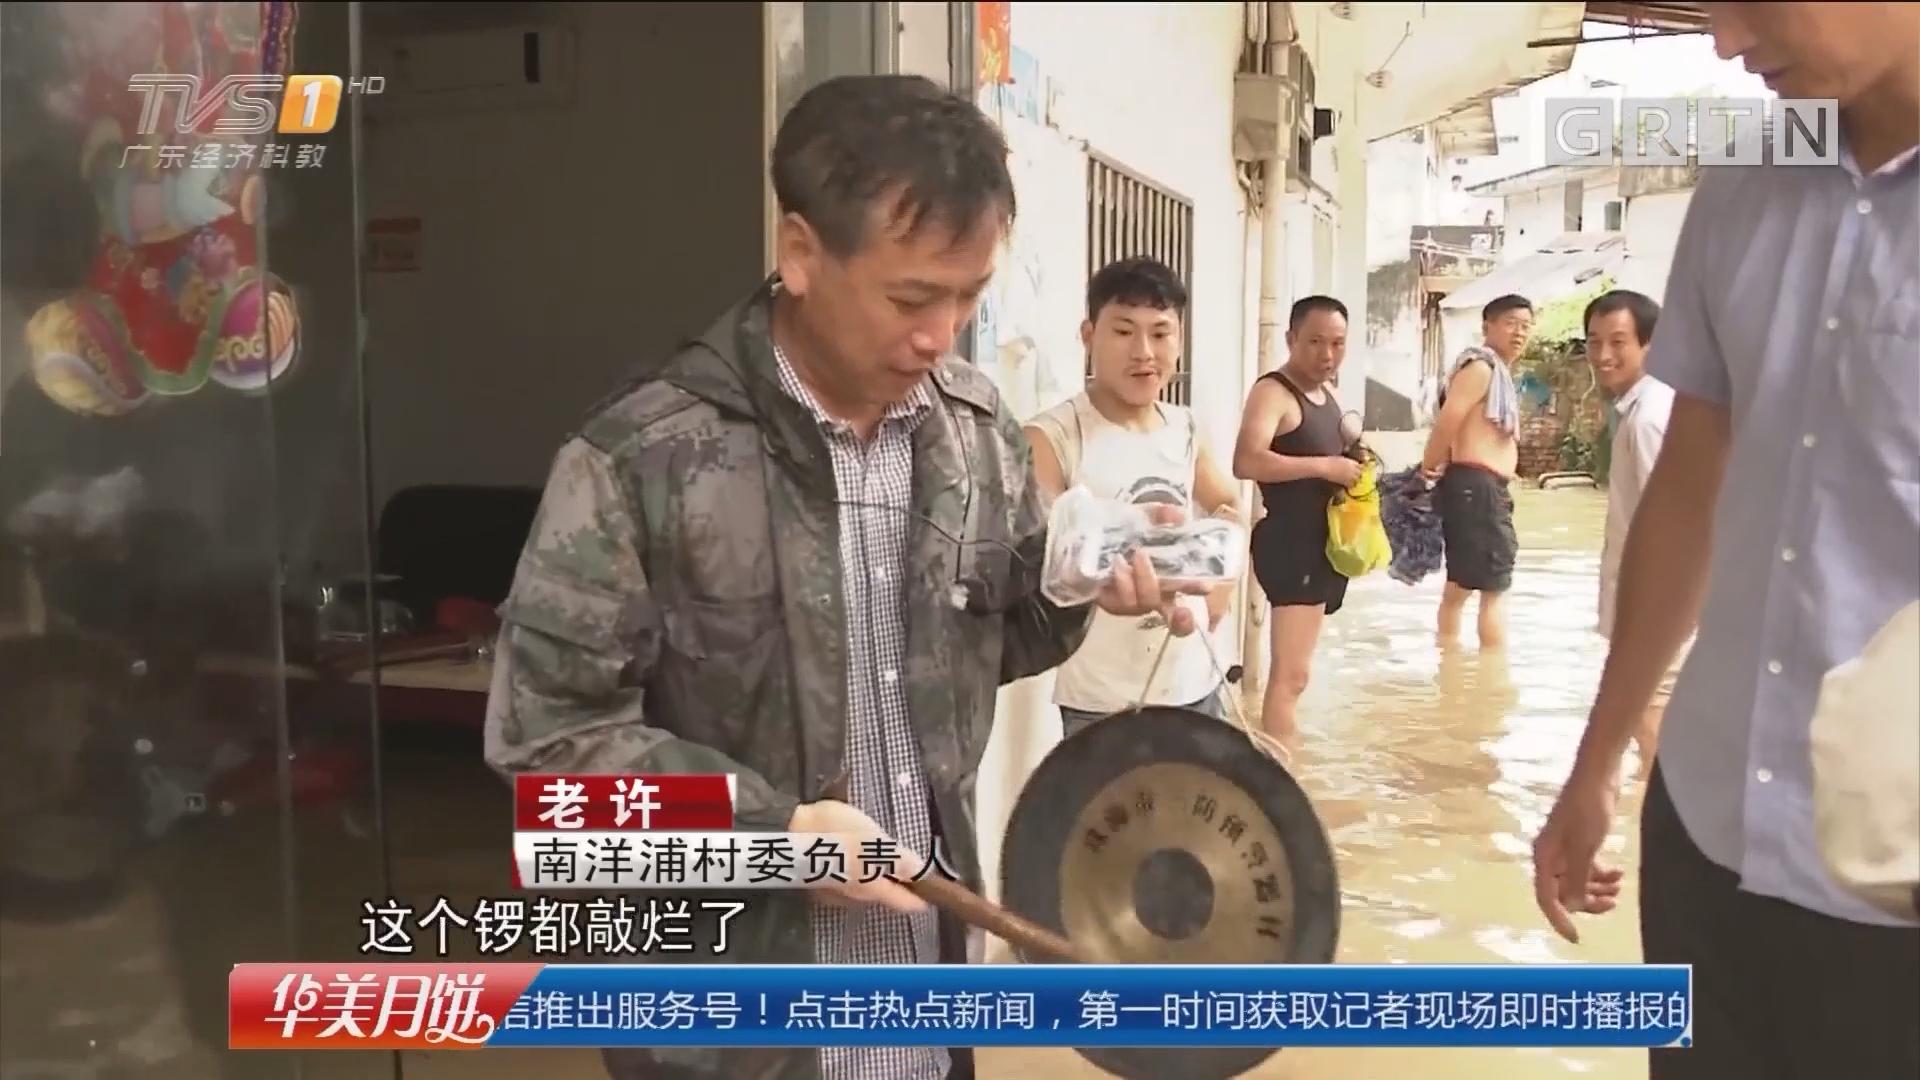 珠海南洋浦村:民警涉水敲锣 呼叫村民转移